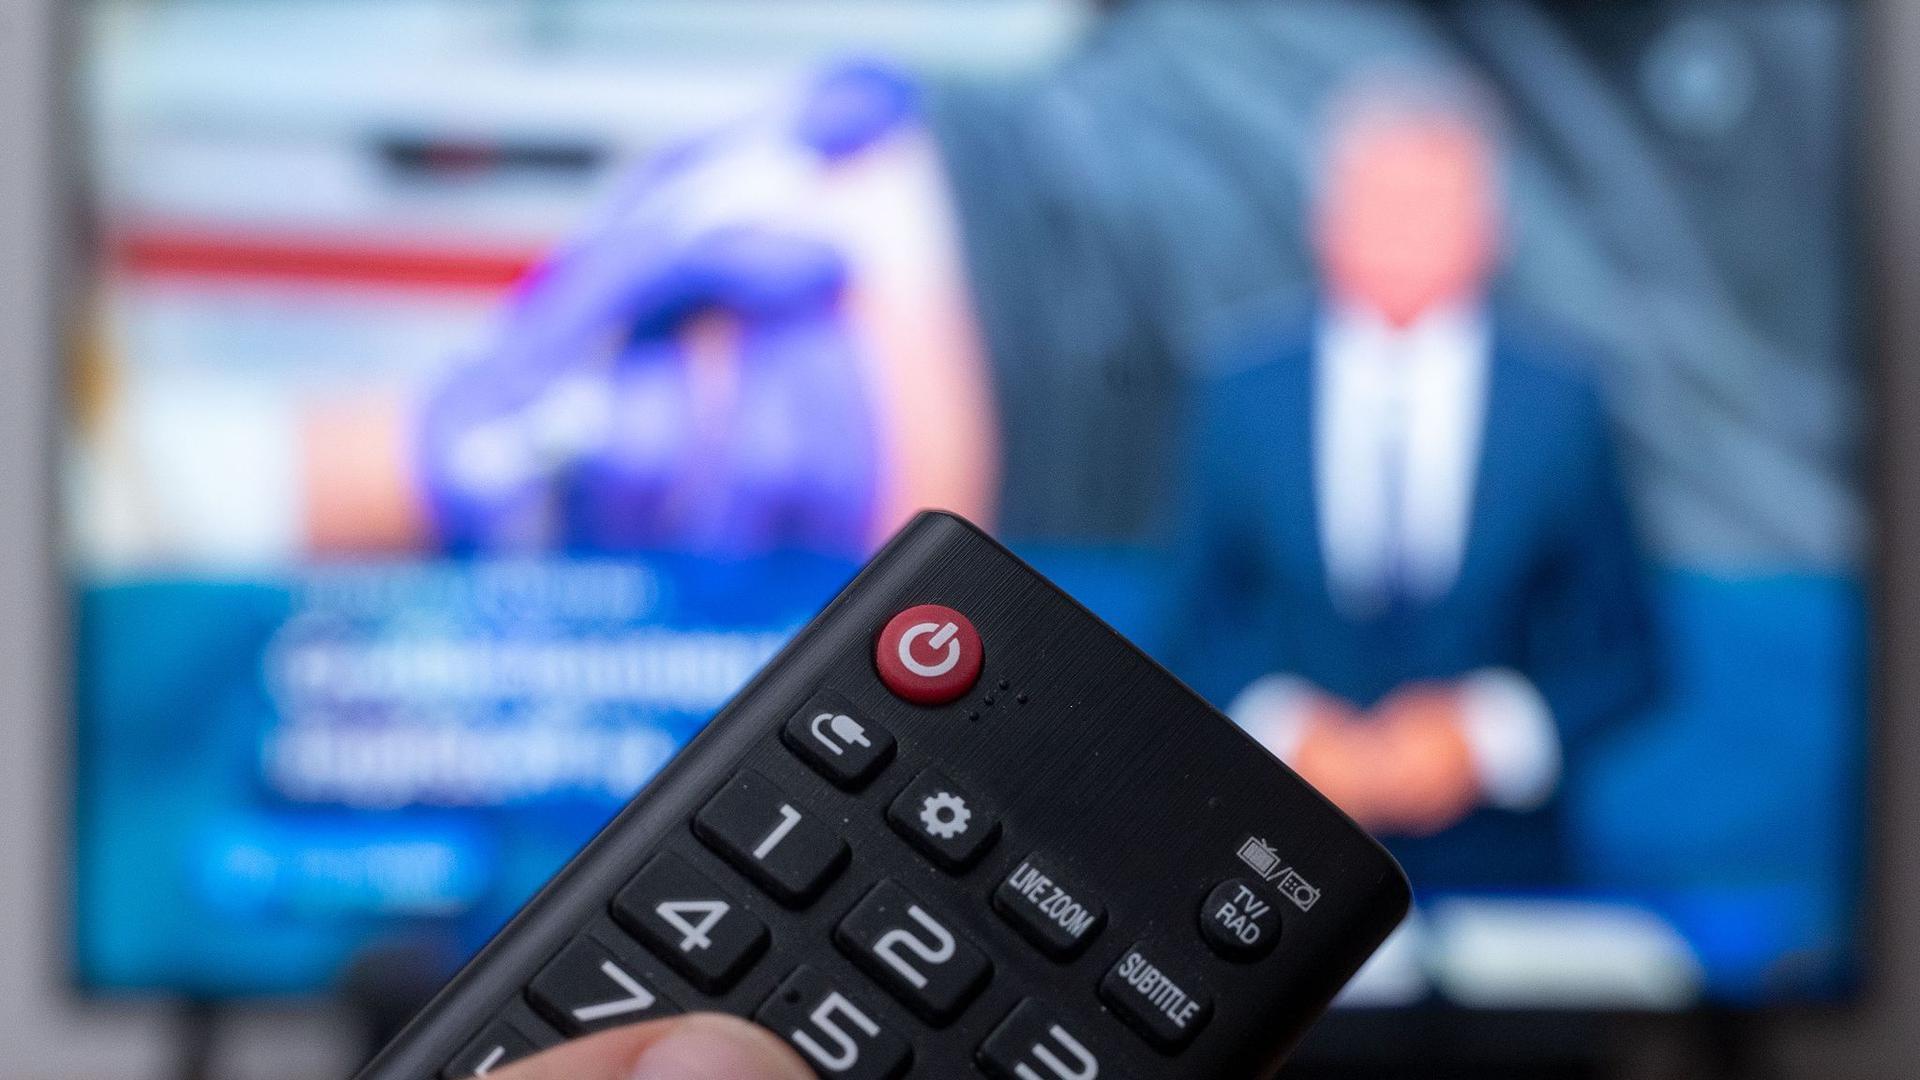 Die geplante Erhöhung des Rundfunkbeitrags zum 1. Januar 2021 steht wegen eines drohenden Vetos in Sachsen-Anhalt für ganz Deutschland weiterhin auf der Kippe.